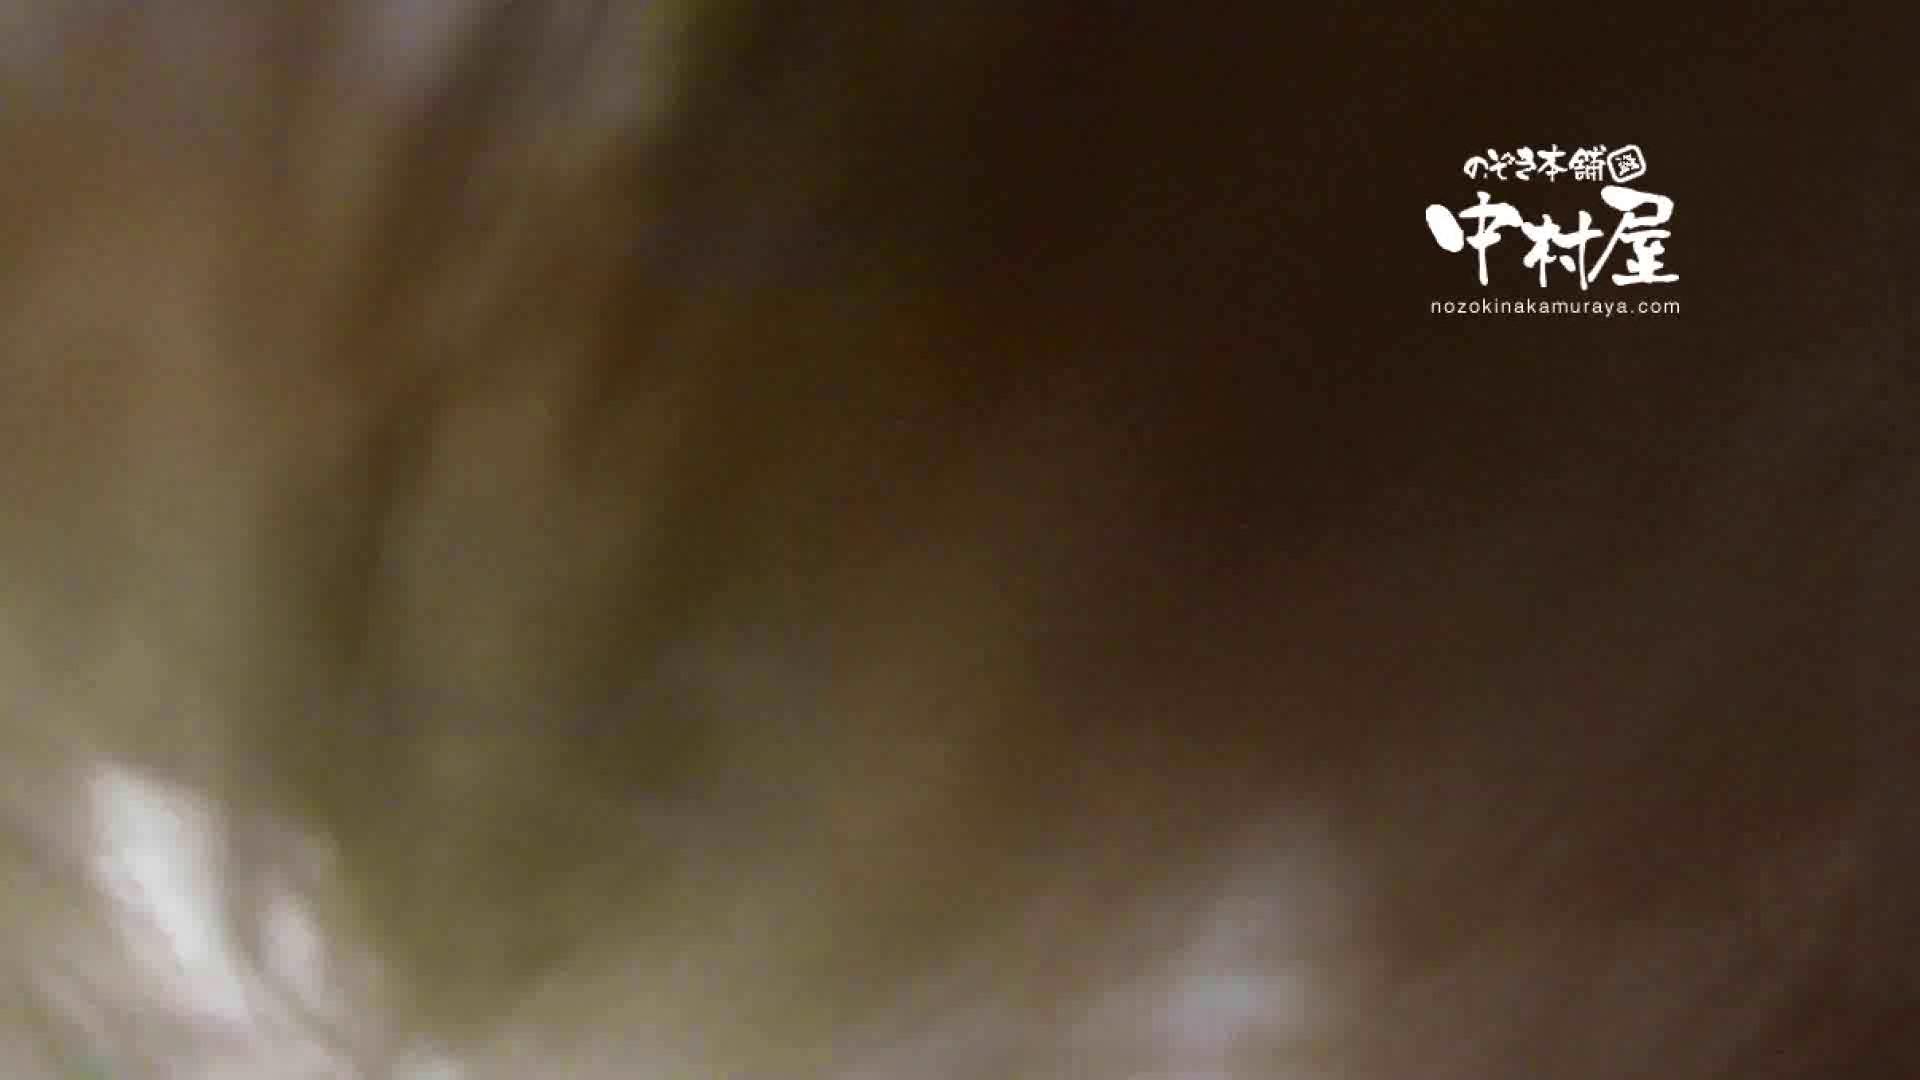 鬼畜 vol.18 居酒屋バイト時代の同僚に中出ししてみる 前編 美しいOLの裸体  100pic 57